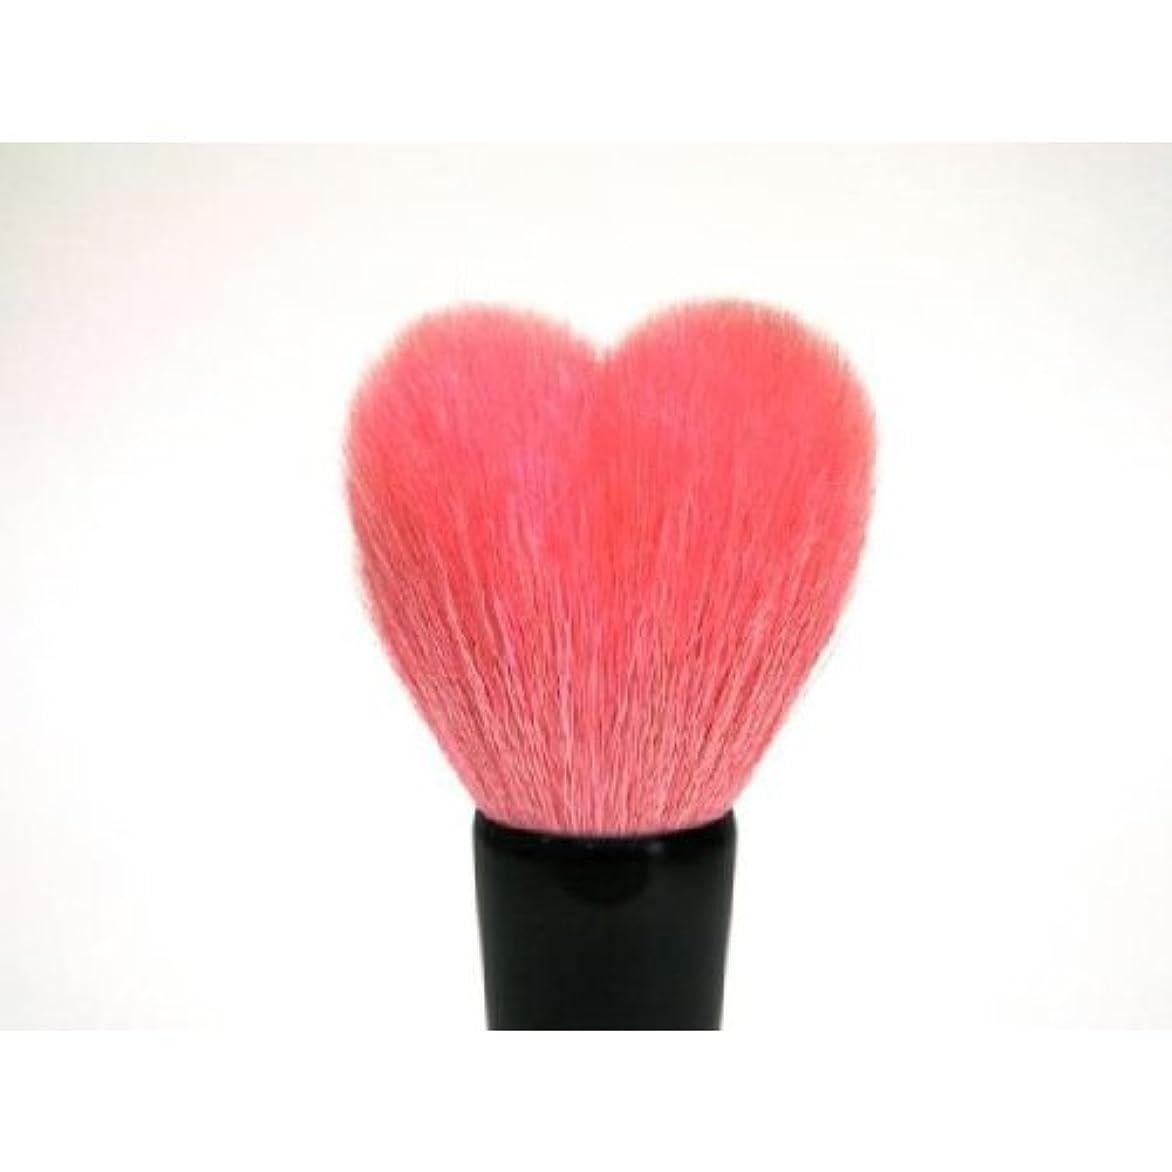 確認してくださいルートバックグラウンドハート型洗顔ブラシ(ピンク 熊野筆)/高さ80mm